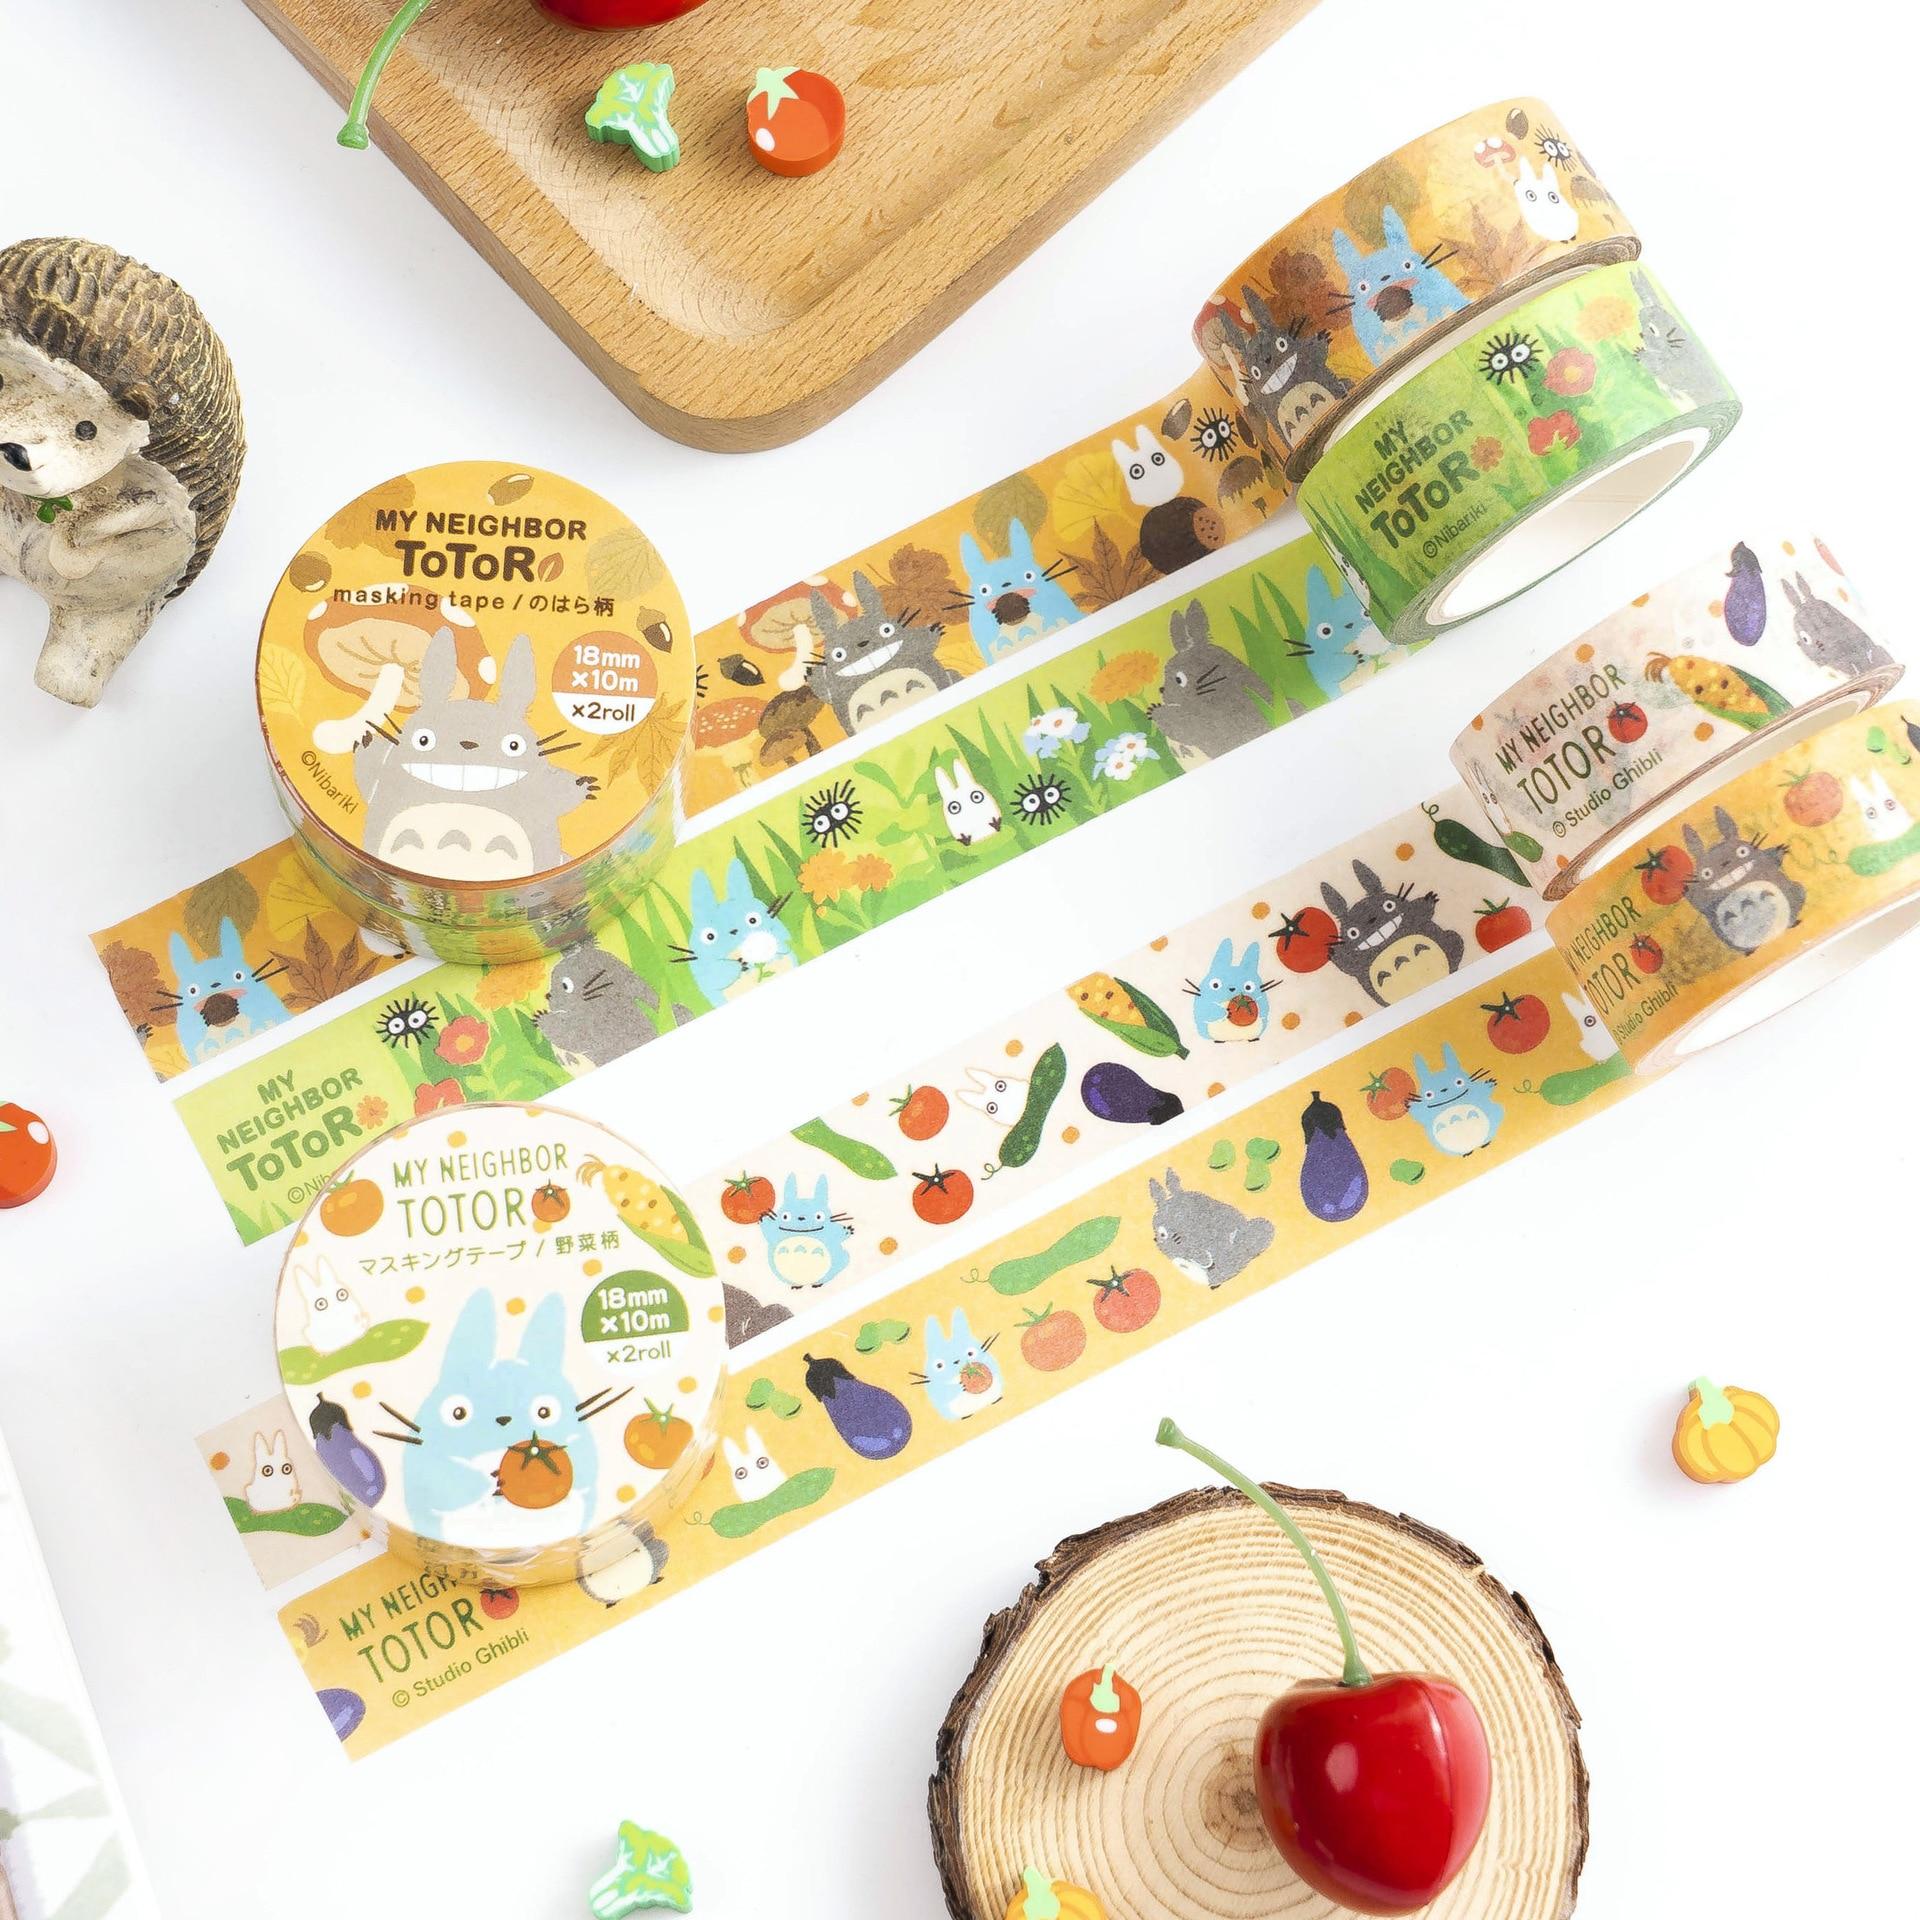 2 Pcs/pack 1.8cm Cartoon Totoro Bullet Journal Washi Tape Set Adhesive Tape DIY Scrapbooking Sticker Label Masking